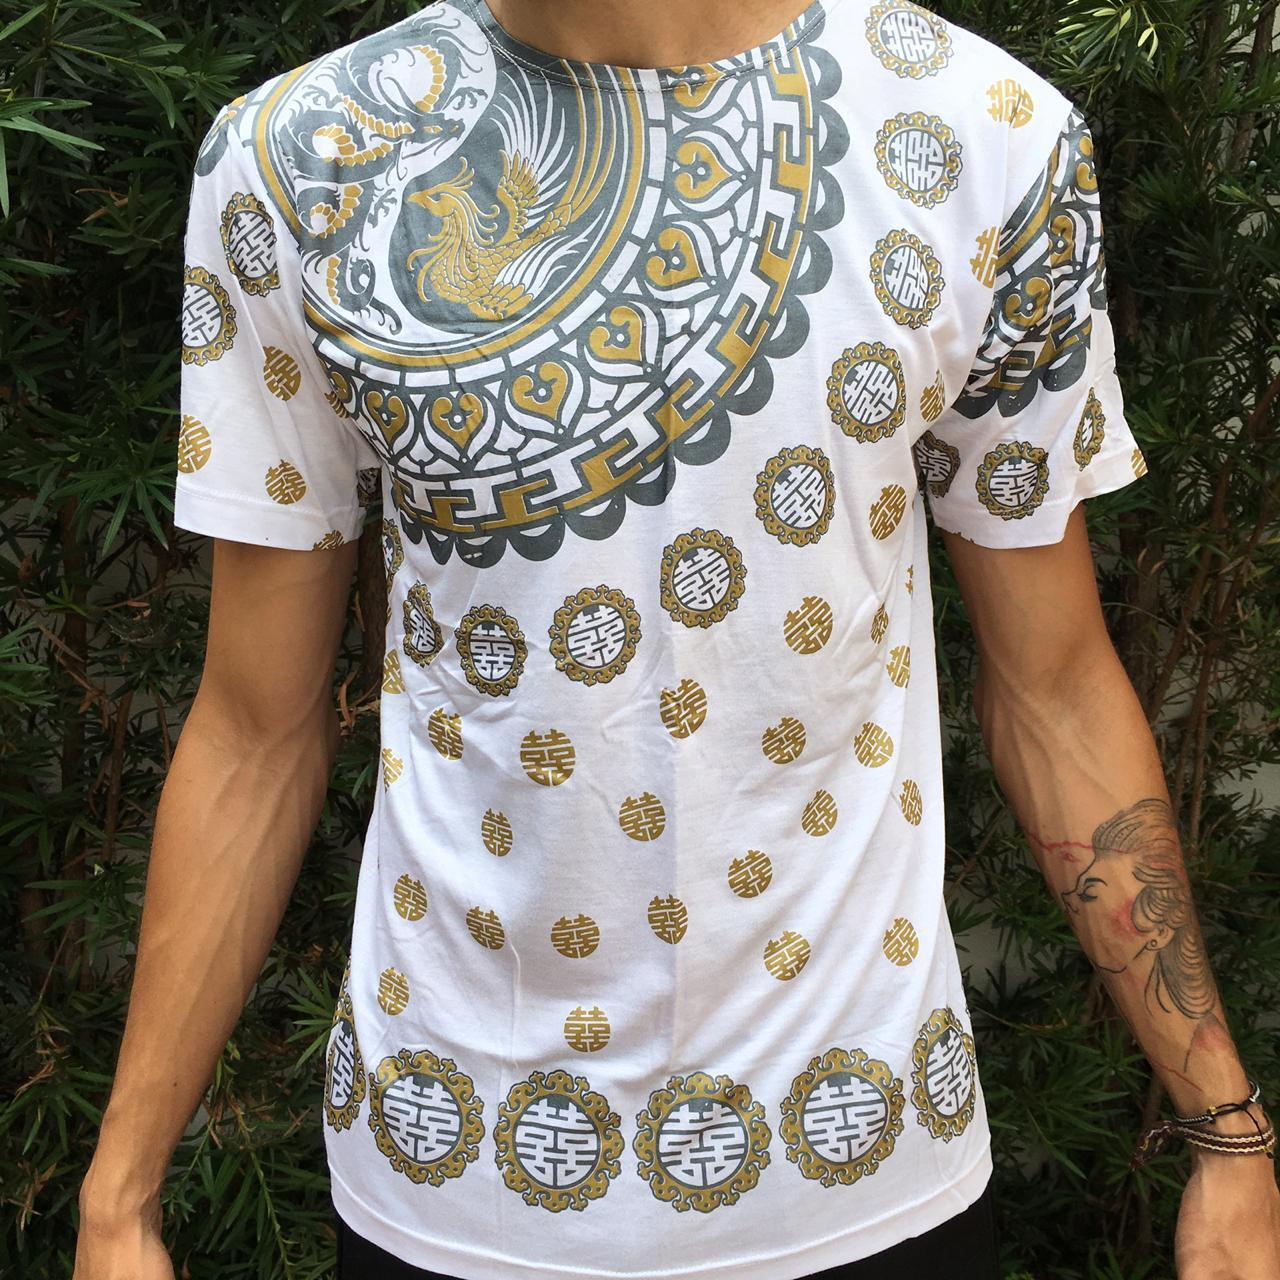 Camiseta estampa de fênix e dragão